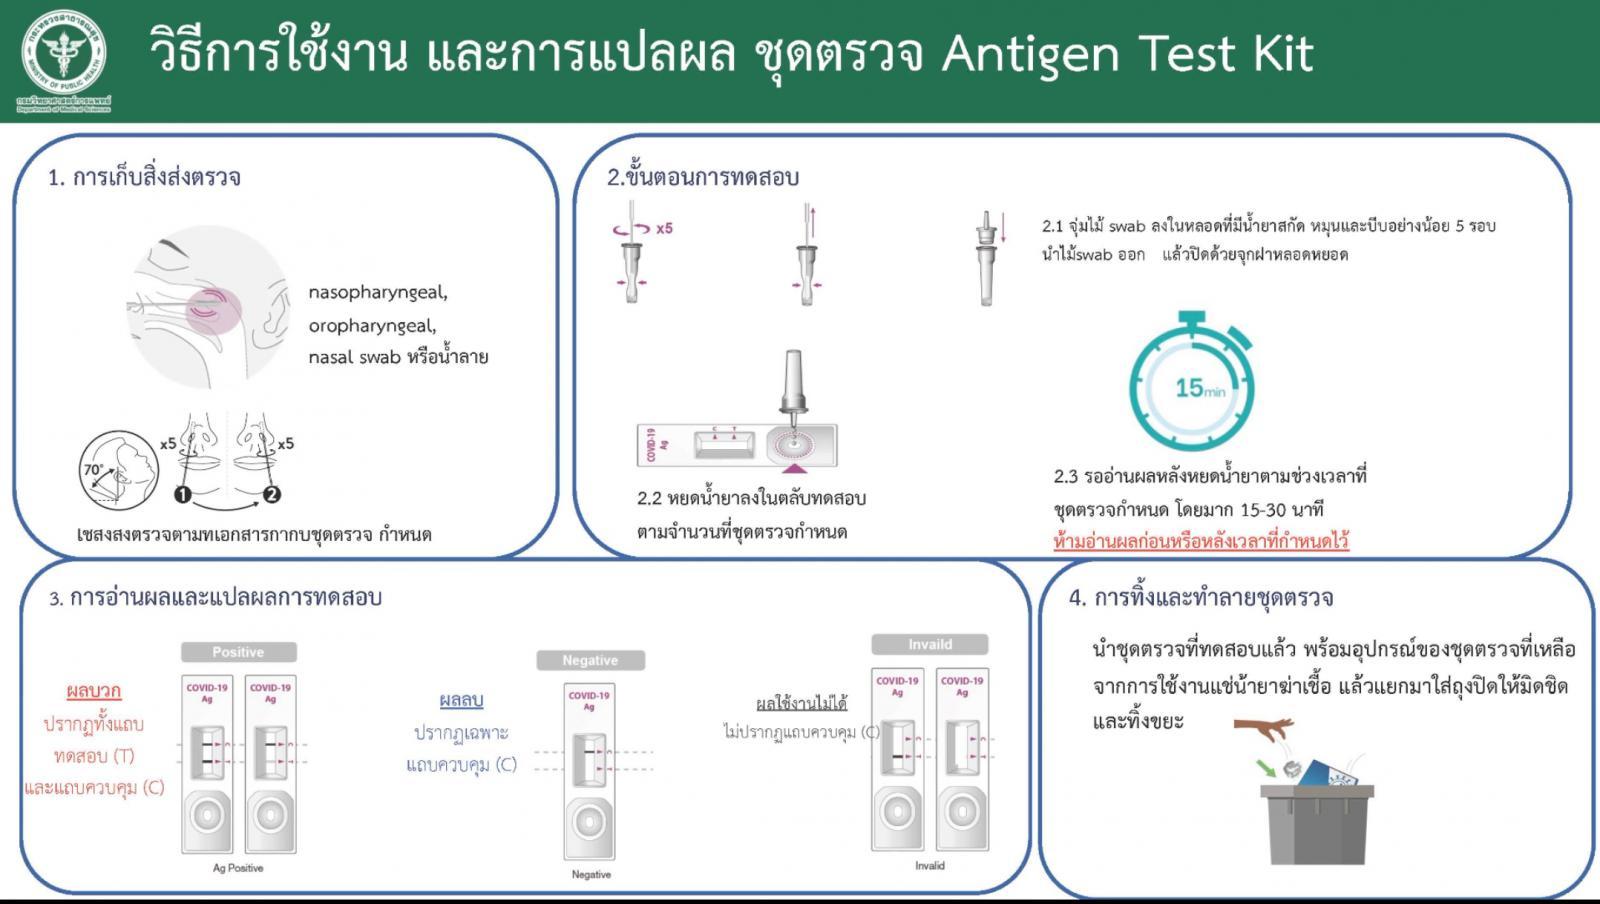 เริ่ม 13 ก.ค.64  ตรวจโควิดโดย Antigen Test Kit  ในสถานพยาบาล อนาคตมีขายร้านขายยา